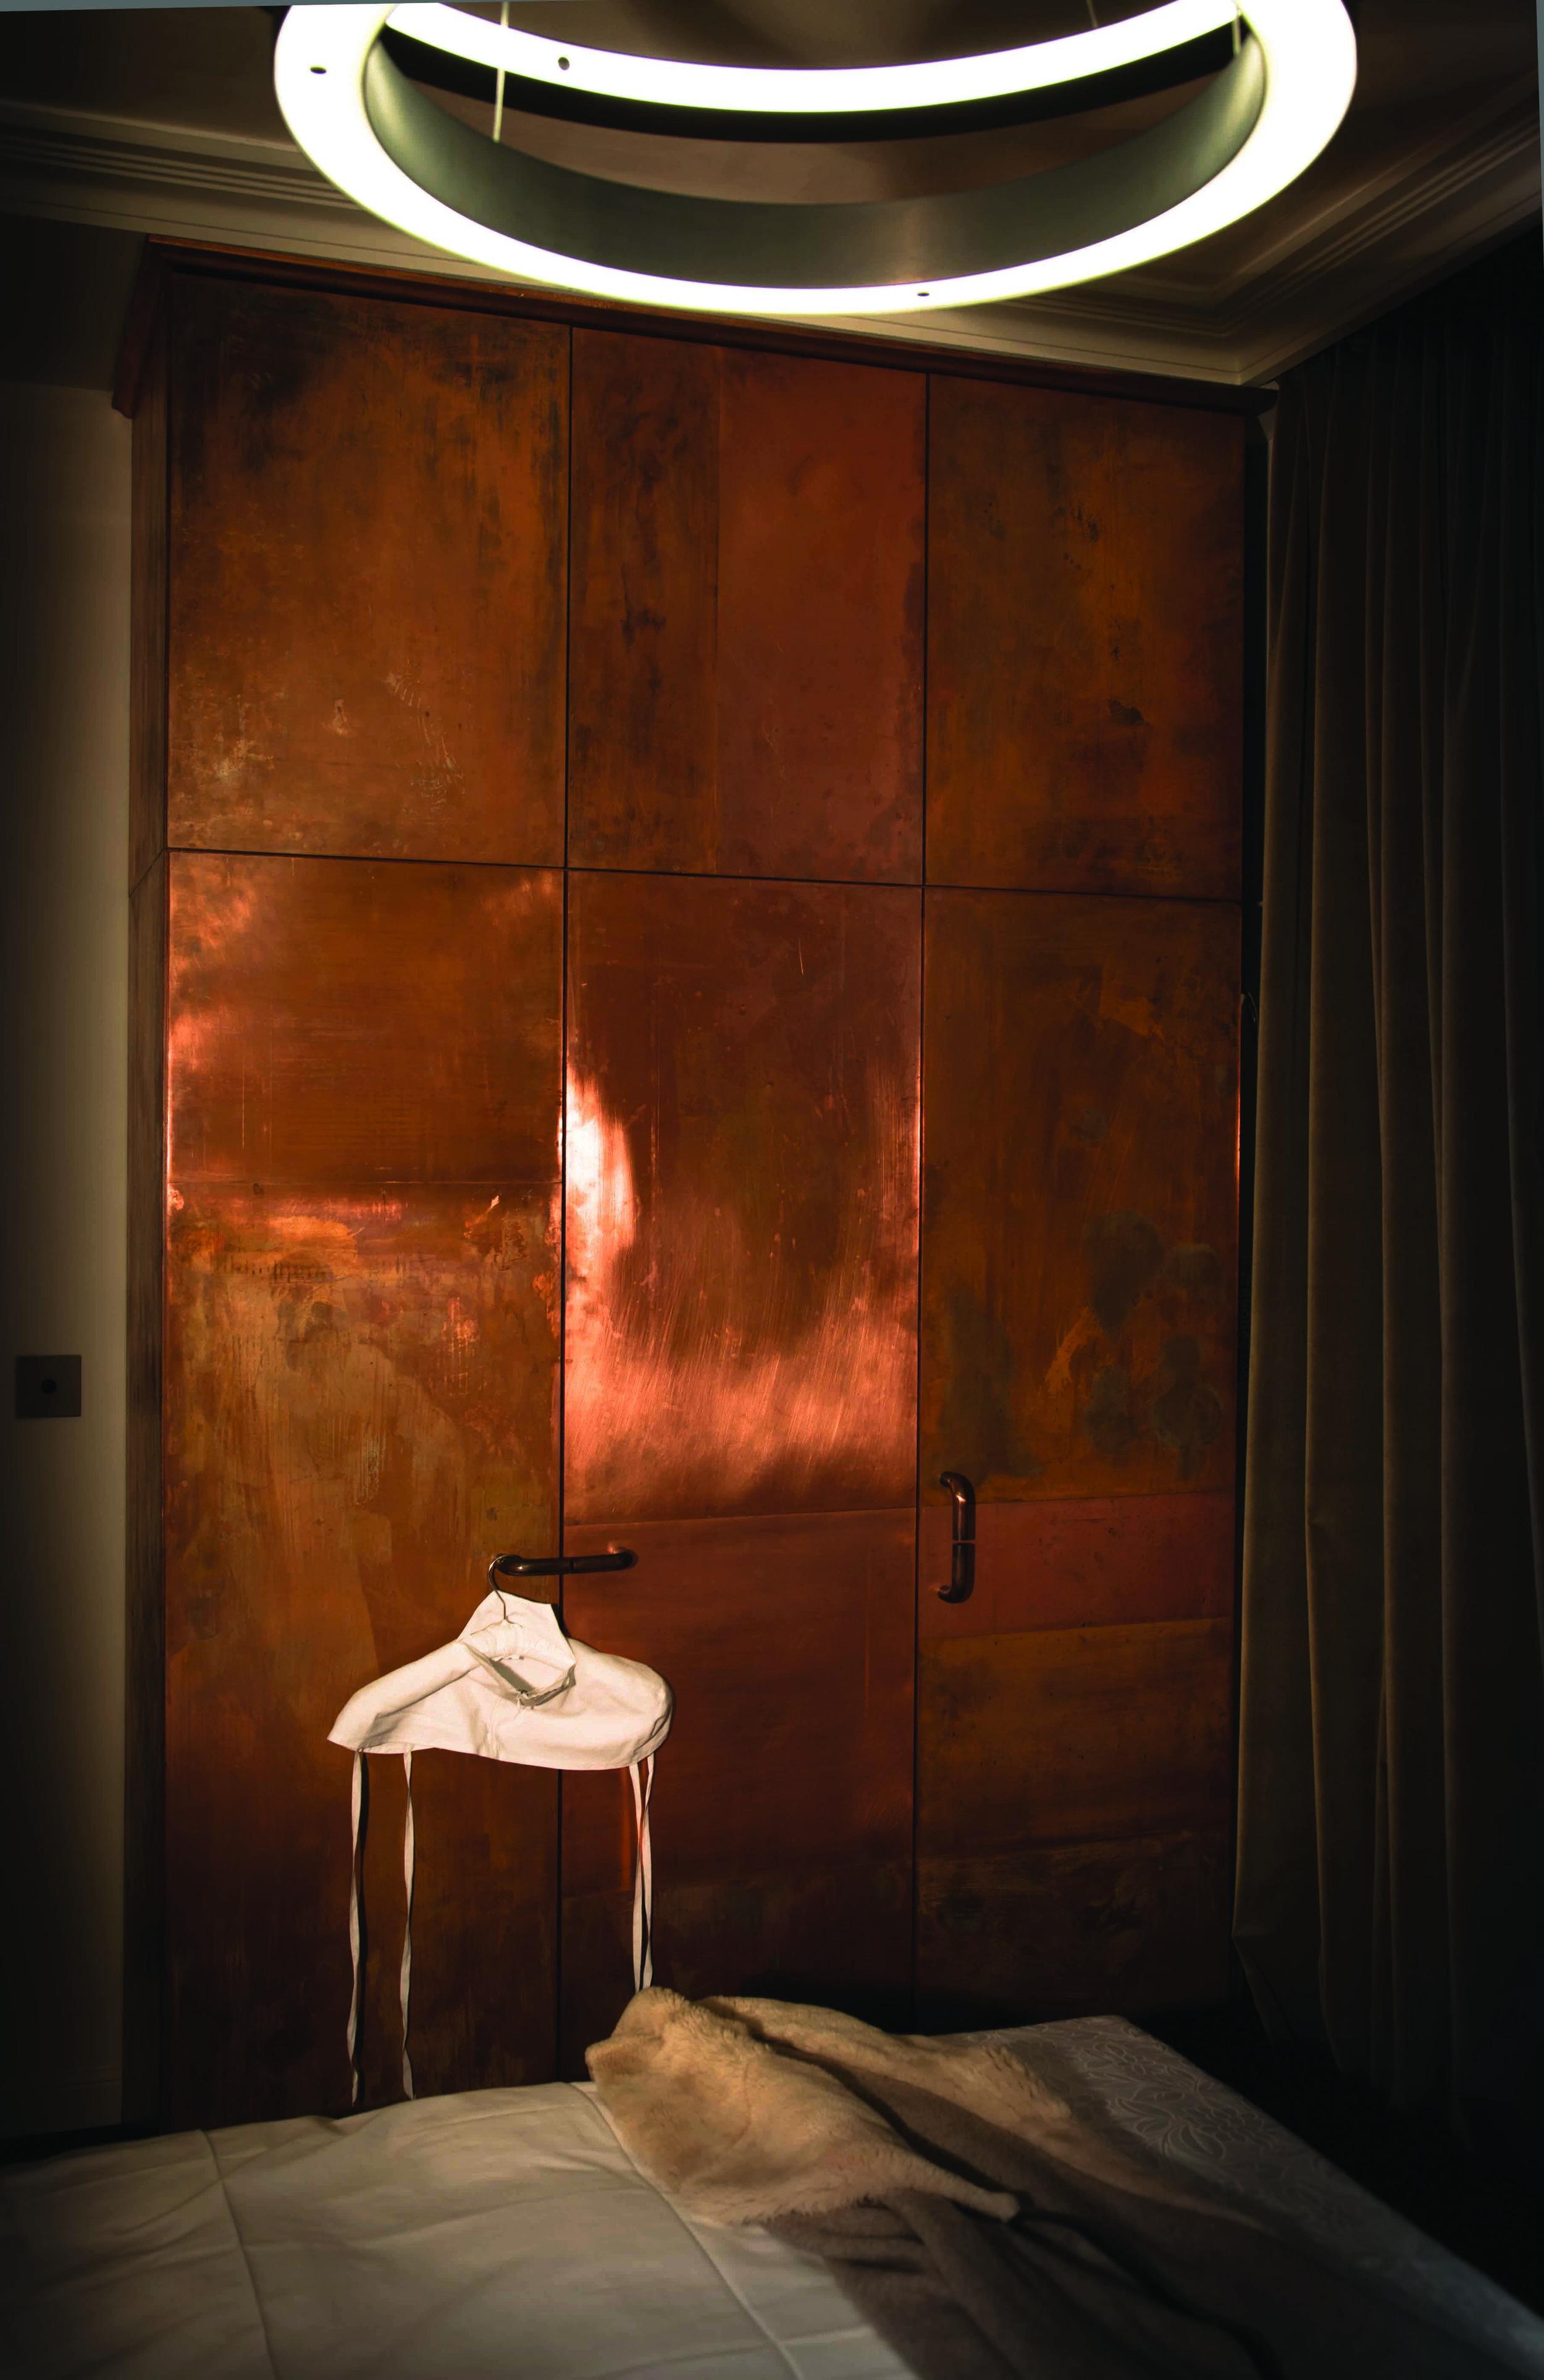 [[FEATURED - Kensington, London Project: Interior design and materials finishes by///EN VEDETTE - projet à Kensignton, Londres : design d'intérieur et matériaux de finitions par]] PRIVATISELECTIONEM Photo: SORS Privatiselectionem